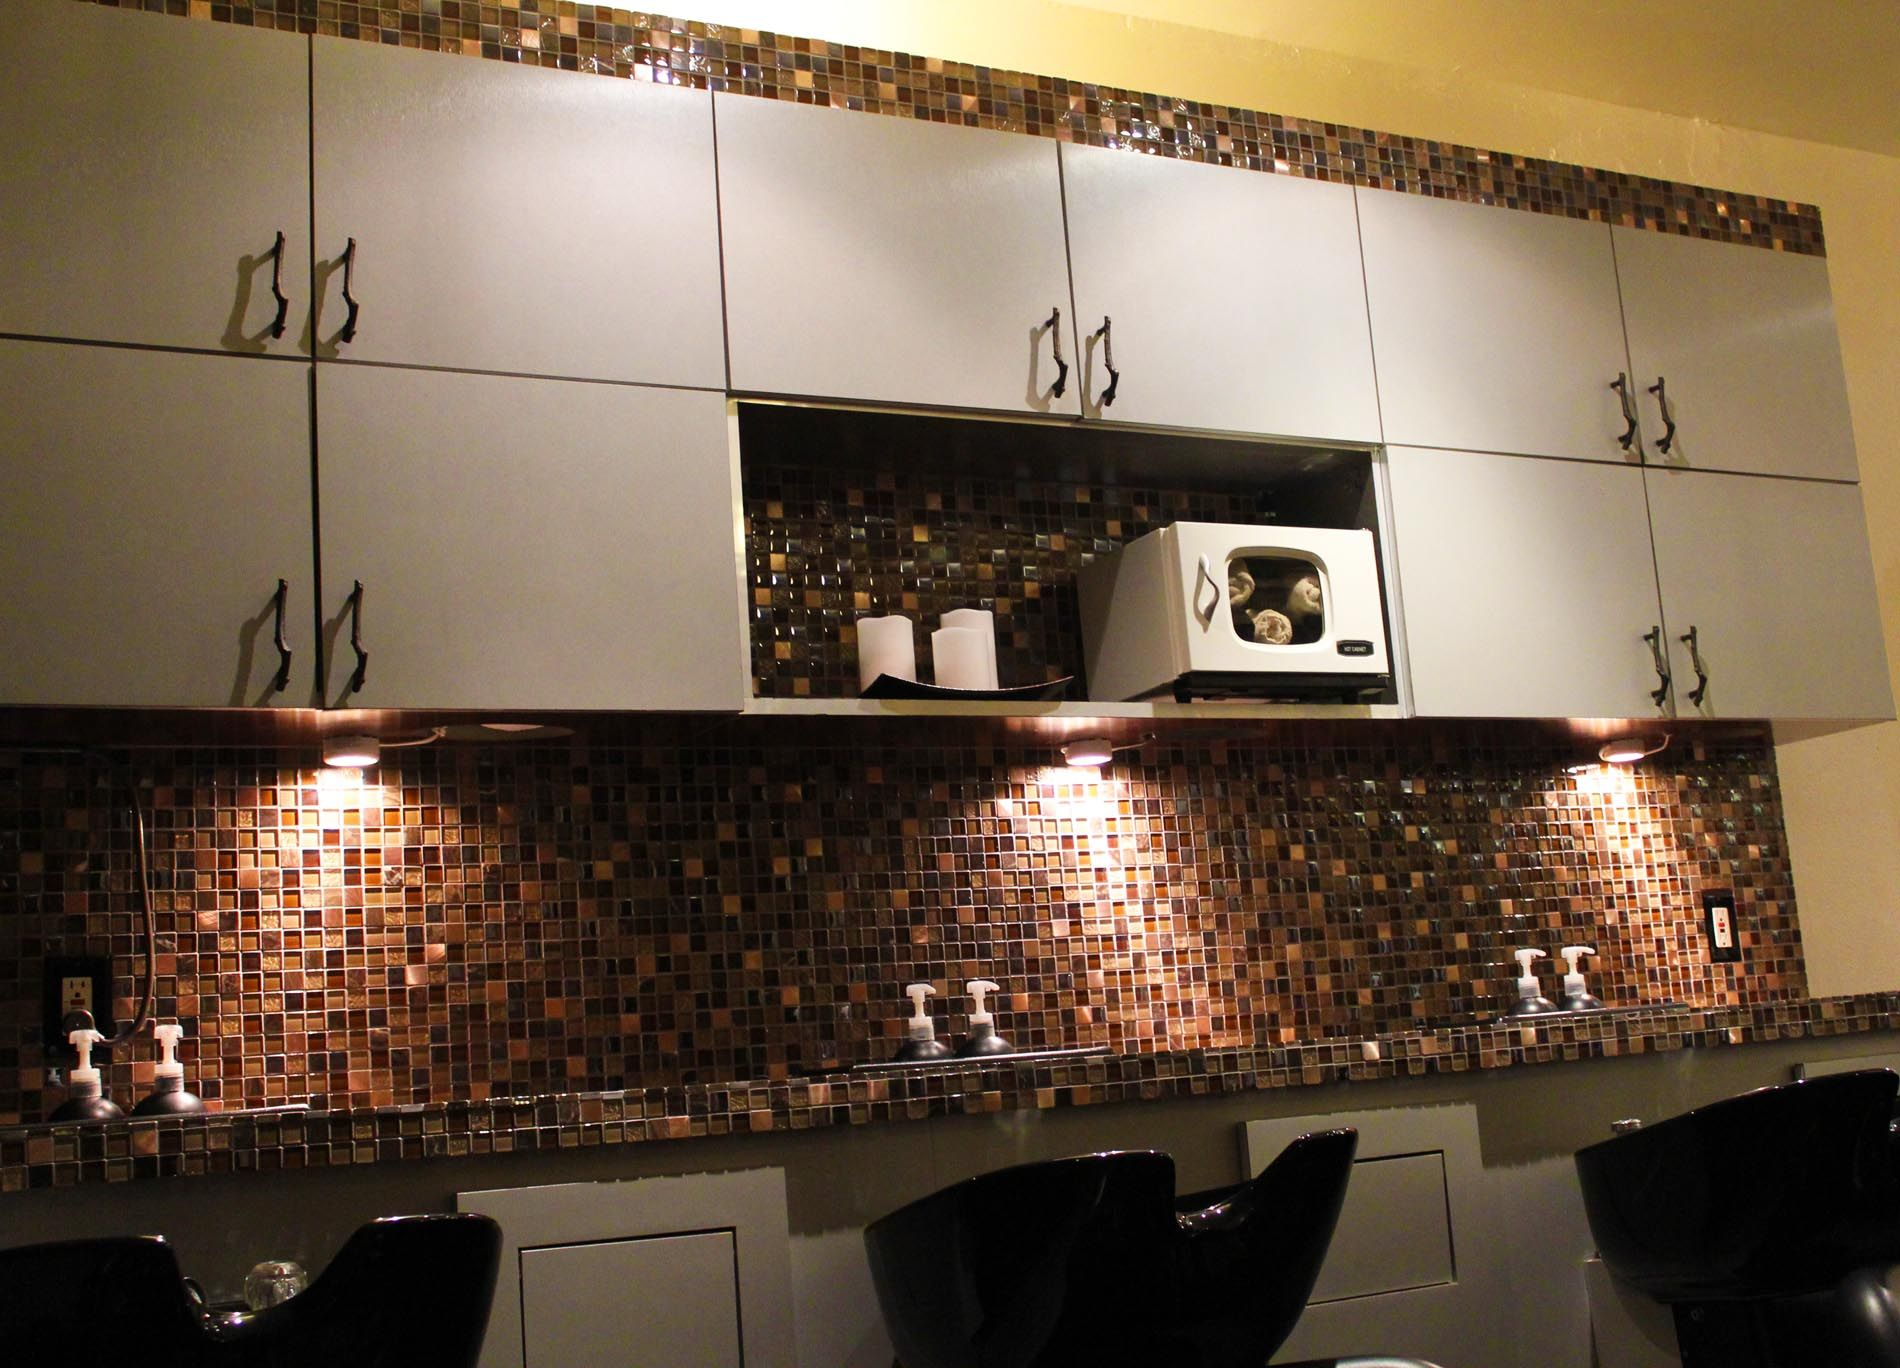 Salon Shampoo Bar Tile Salon Shampoo Salon Decor Bar Tile